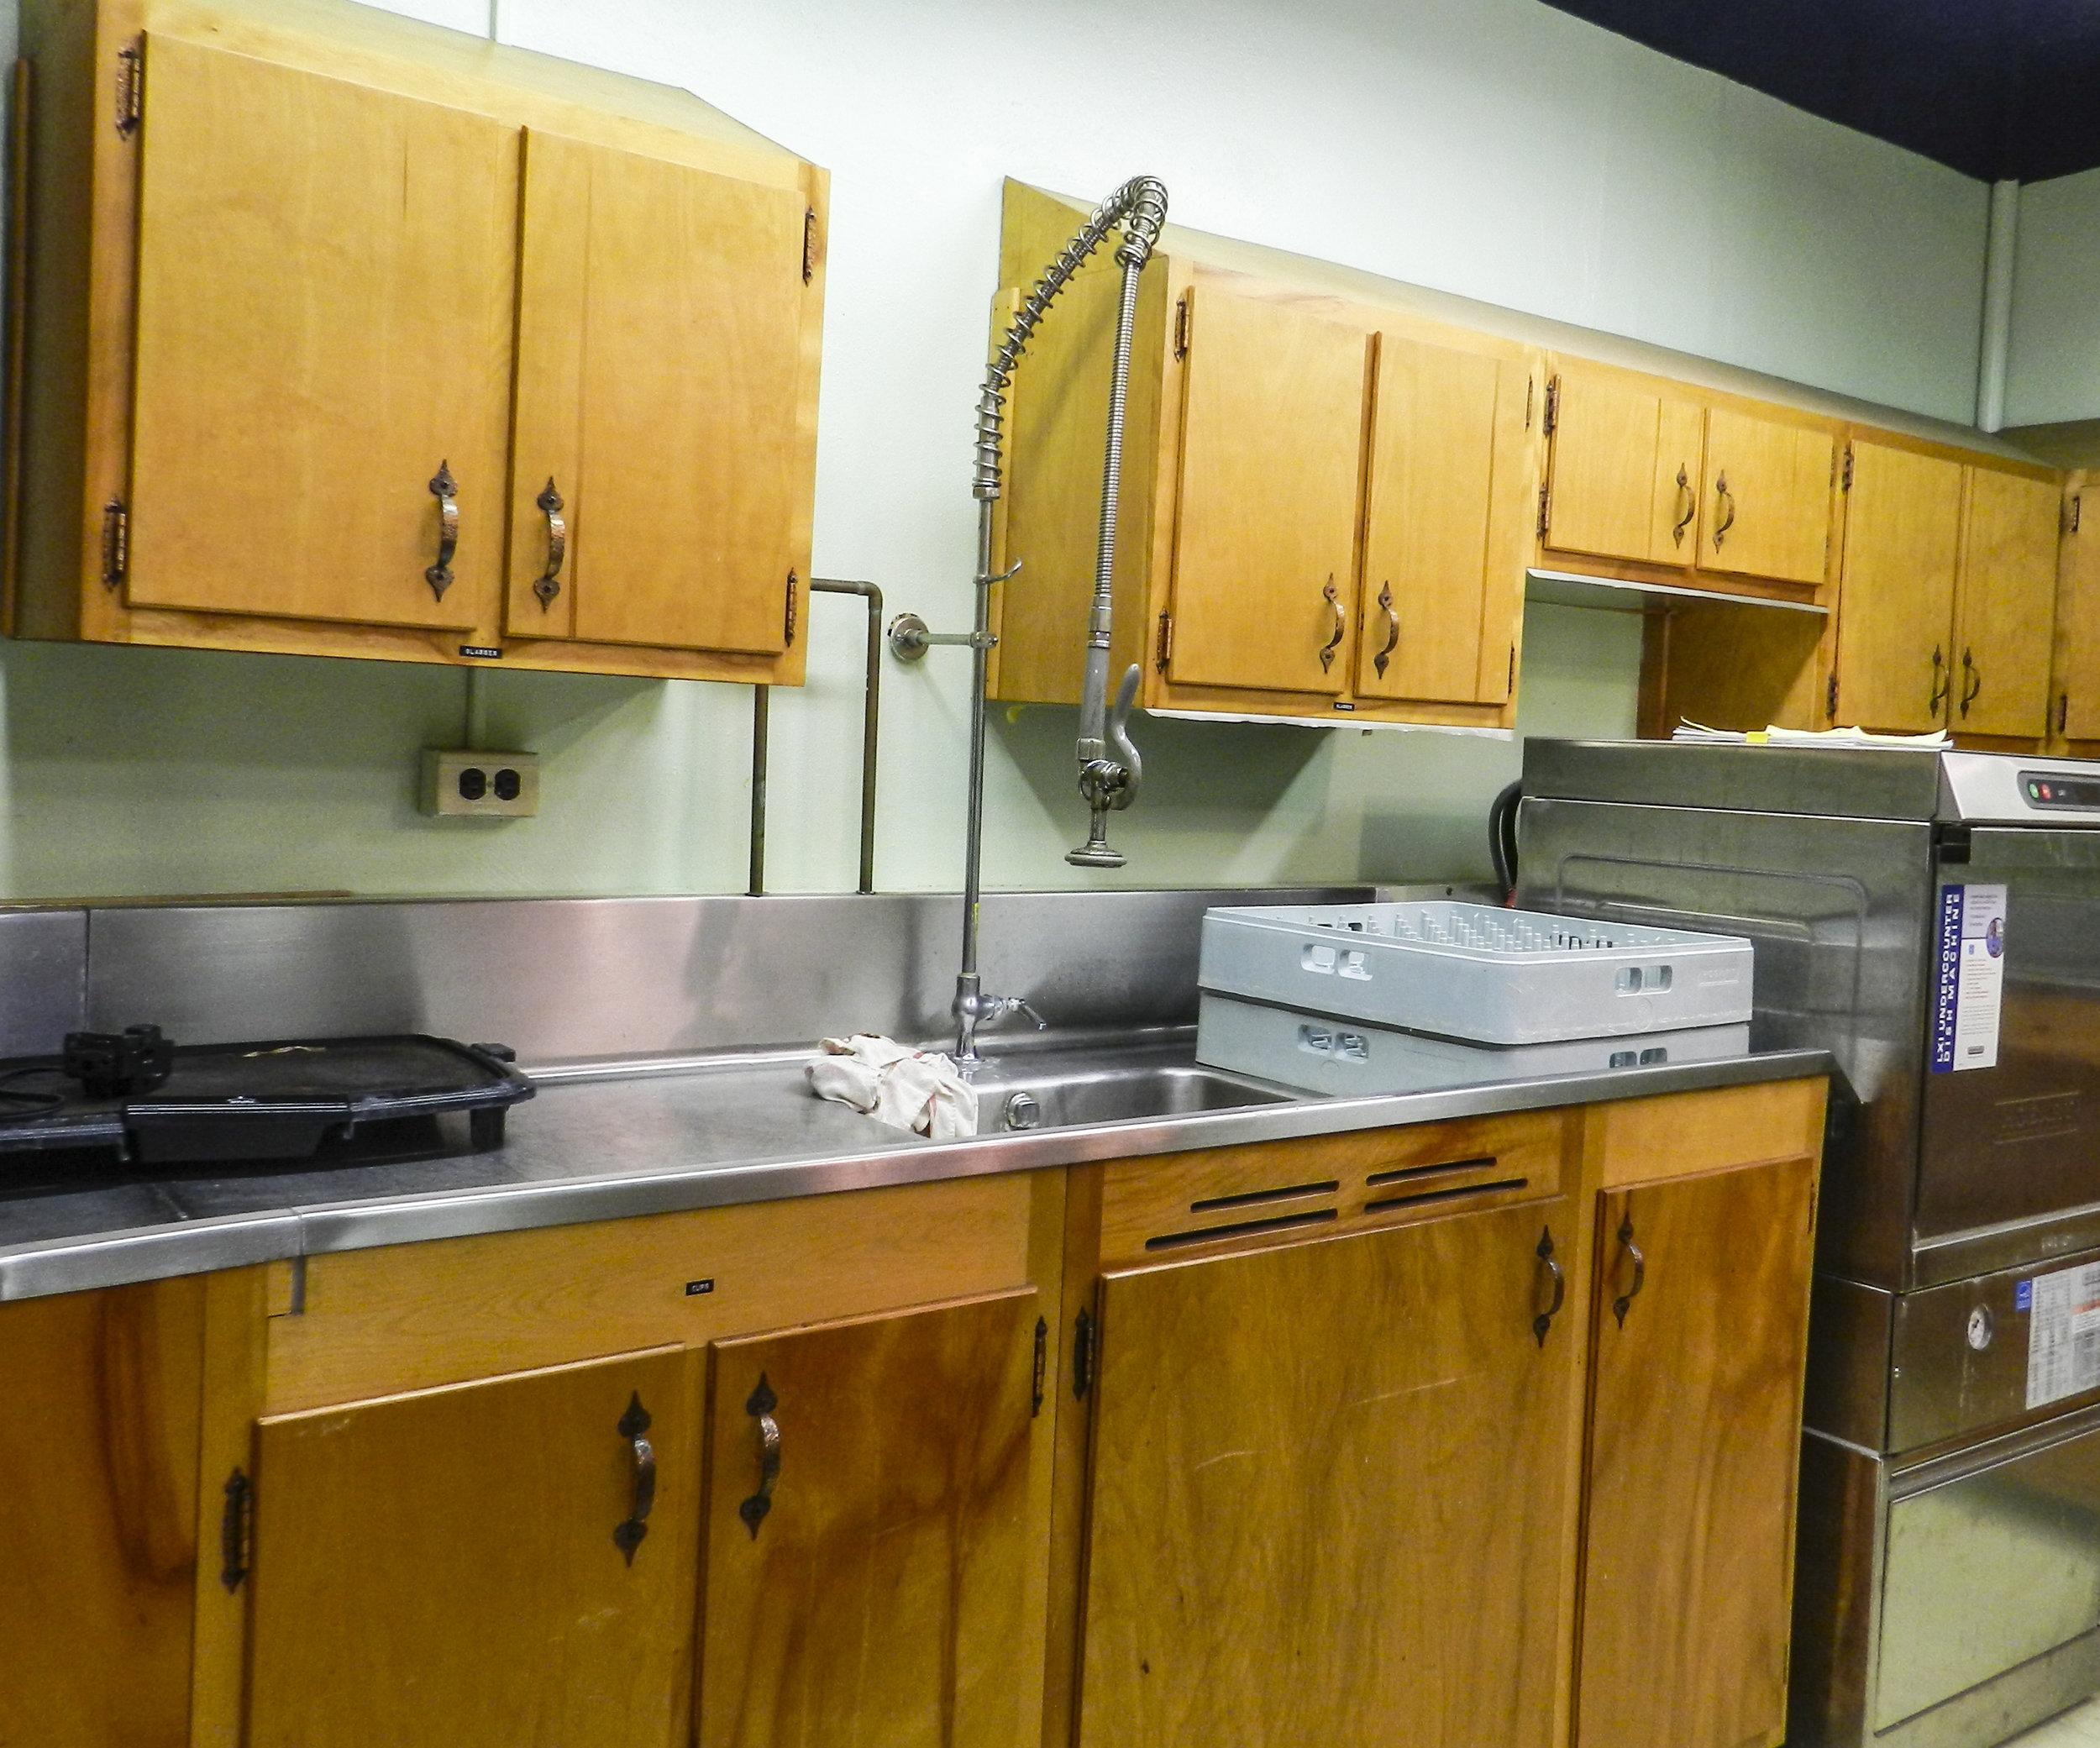 Basement Kitchen 2 (1).JPG